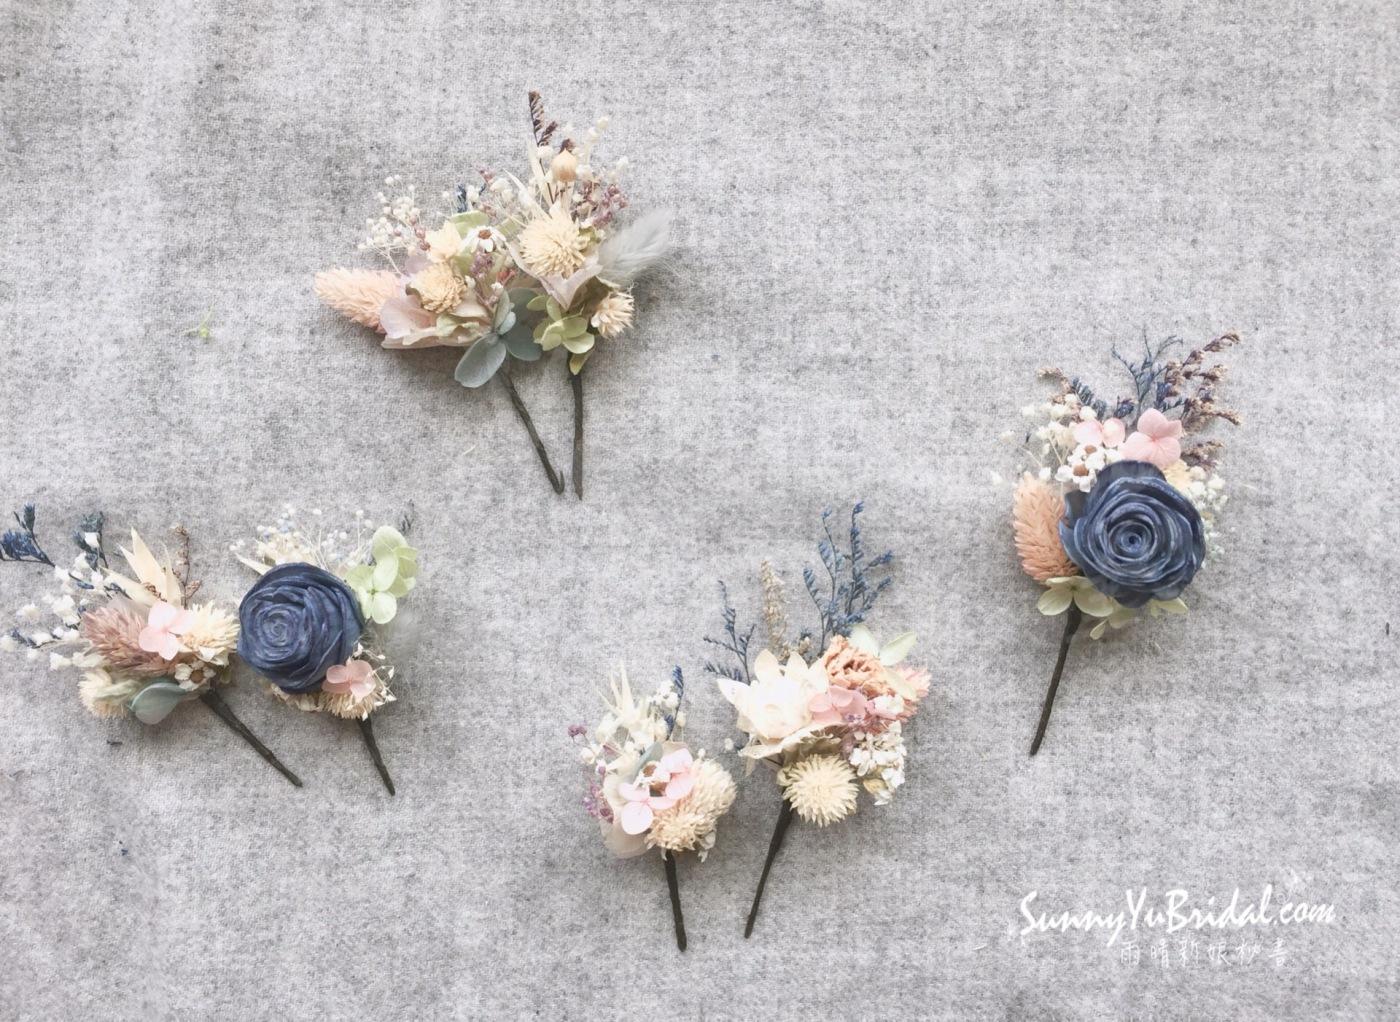 客製乾燥花飾|客製新娘飾品|台北新娘秘書|台北內湖南港新秘推薦雨晴|手作新娘飾品|雨晴手作|乾燥不凋花新娘飾品|乾燥花新娘造型|雨晴手作乾燥花飾|煙燻粉玫瑰|不凋花|永生花|白紗髮飾|白紗造型|客製手作乾燥花髮叉|證婚飾品